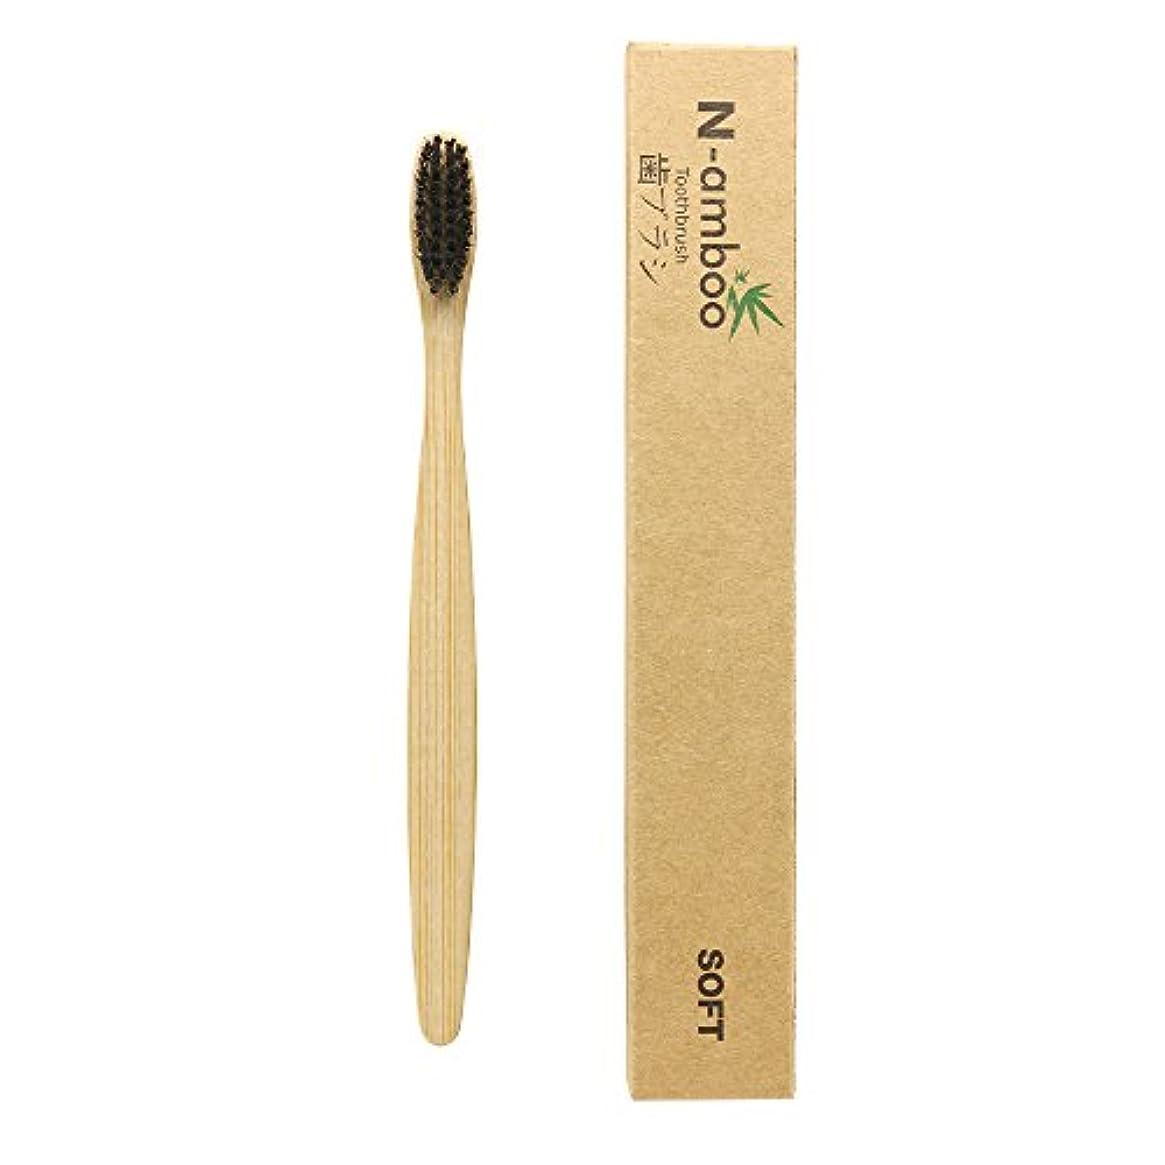 スープ機会手錠N-amboo 歯ブラシ 1本入り 竹製 高耐久性 黒 エコ